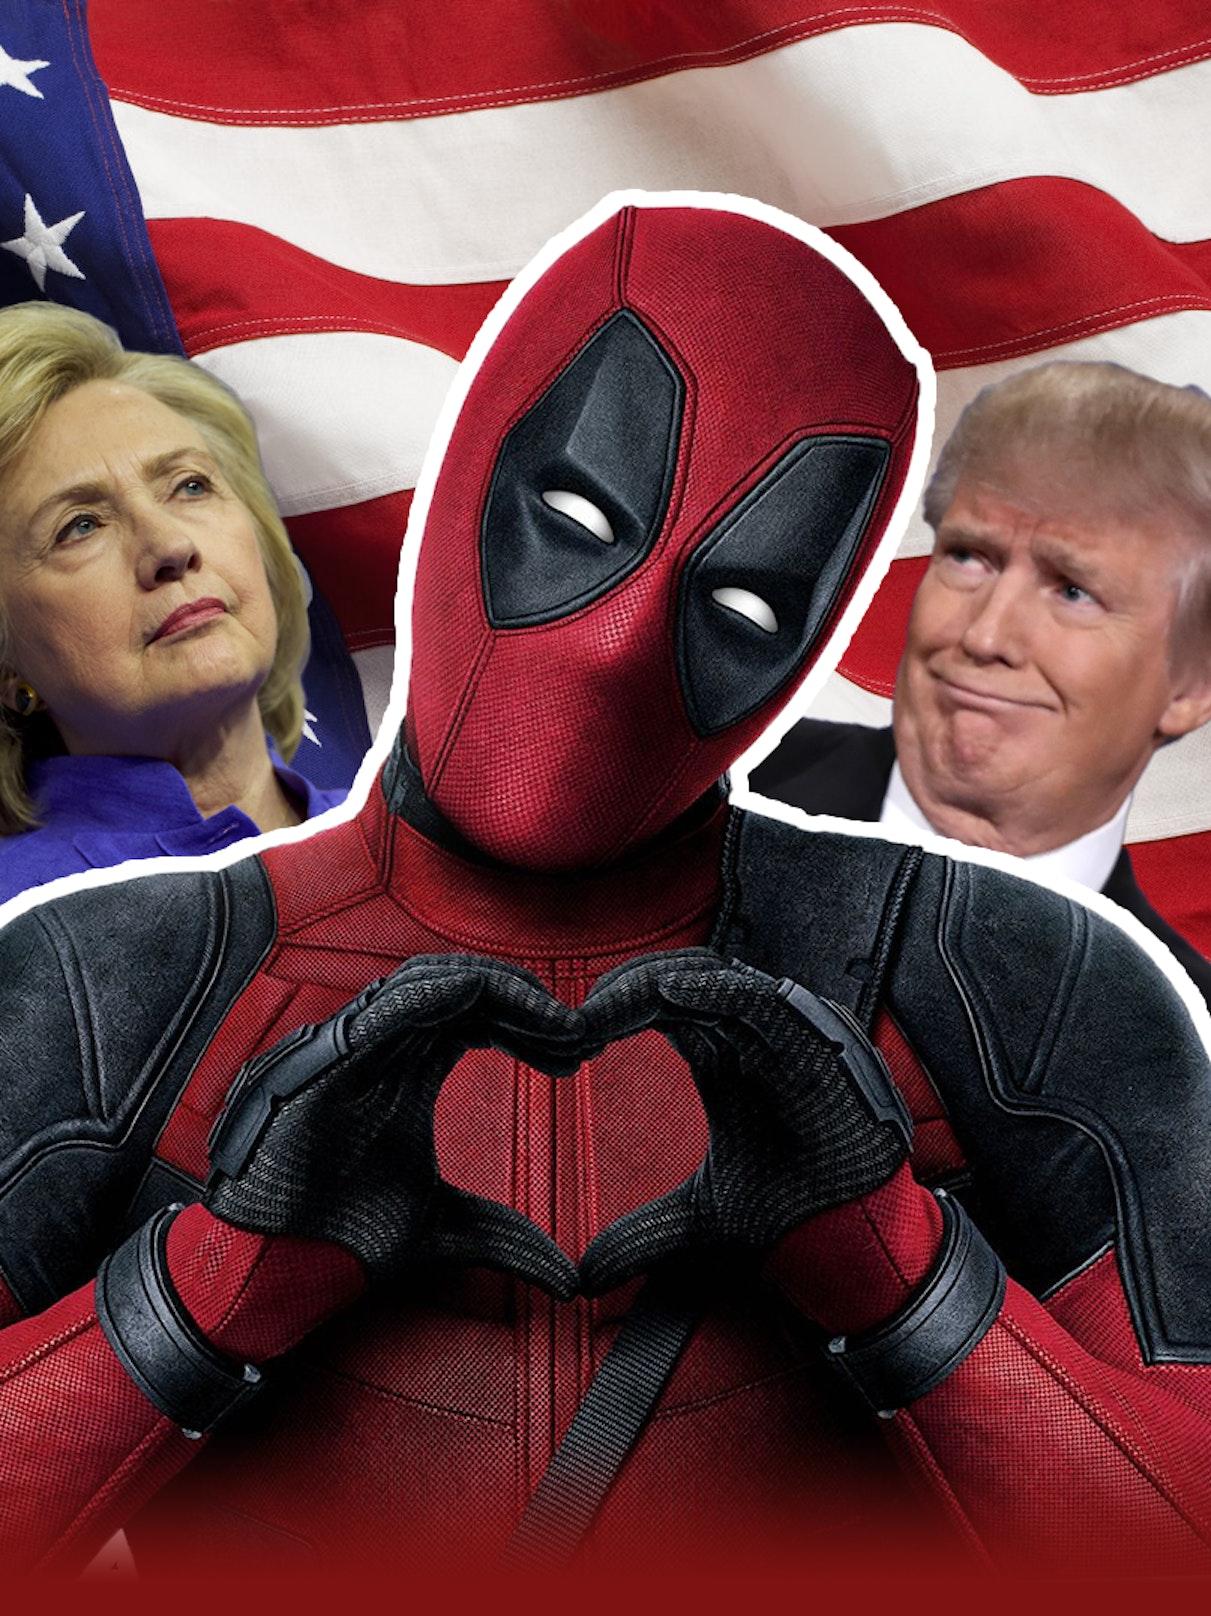 Deadpool for president?